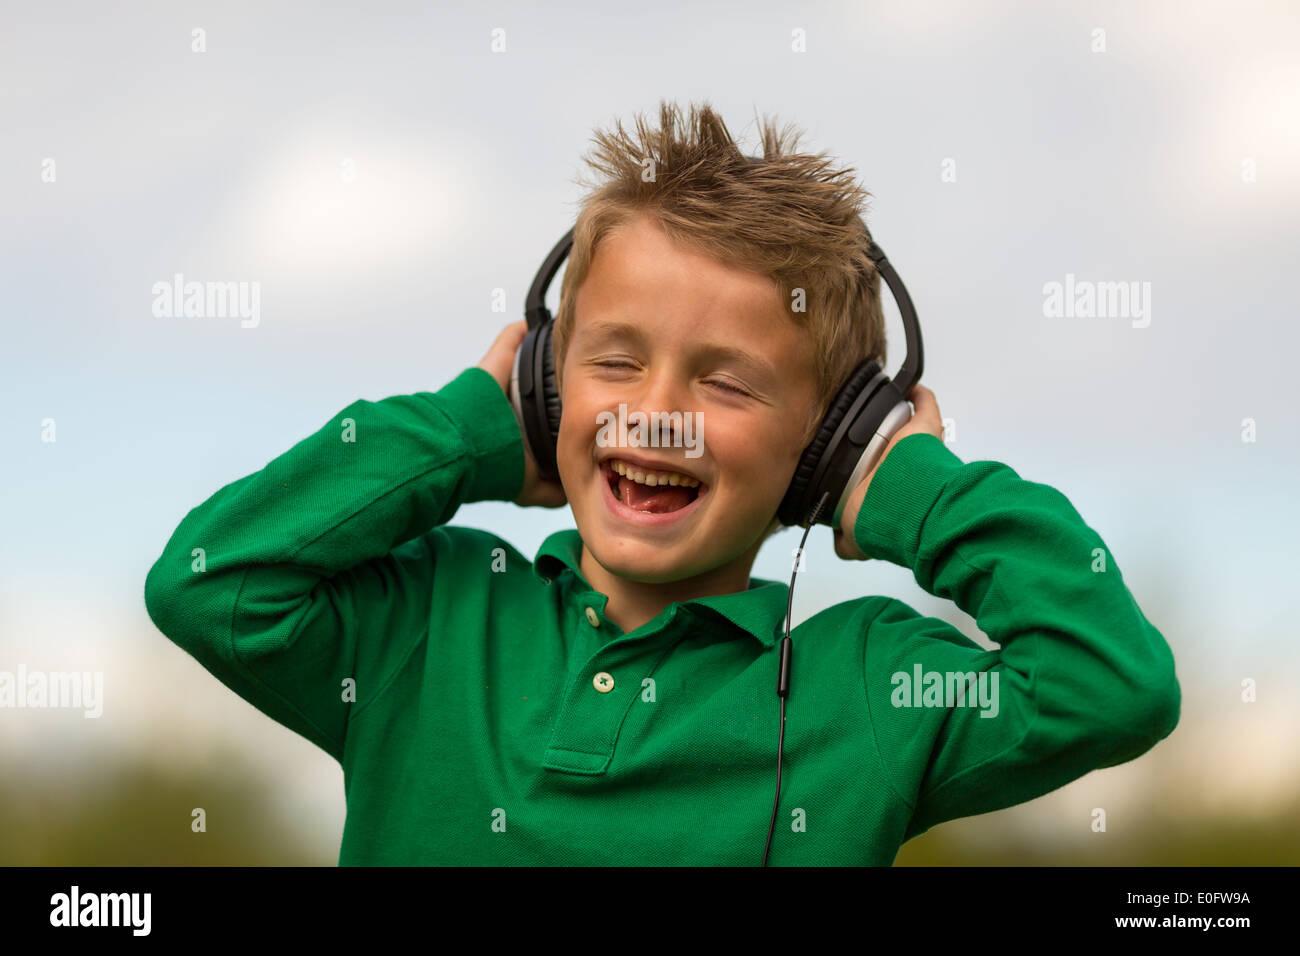 Garçon d'écouter de la musique et chanter. Marques de commerce ont été supprimés. Photo Stock